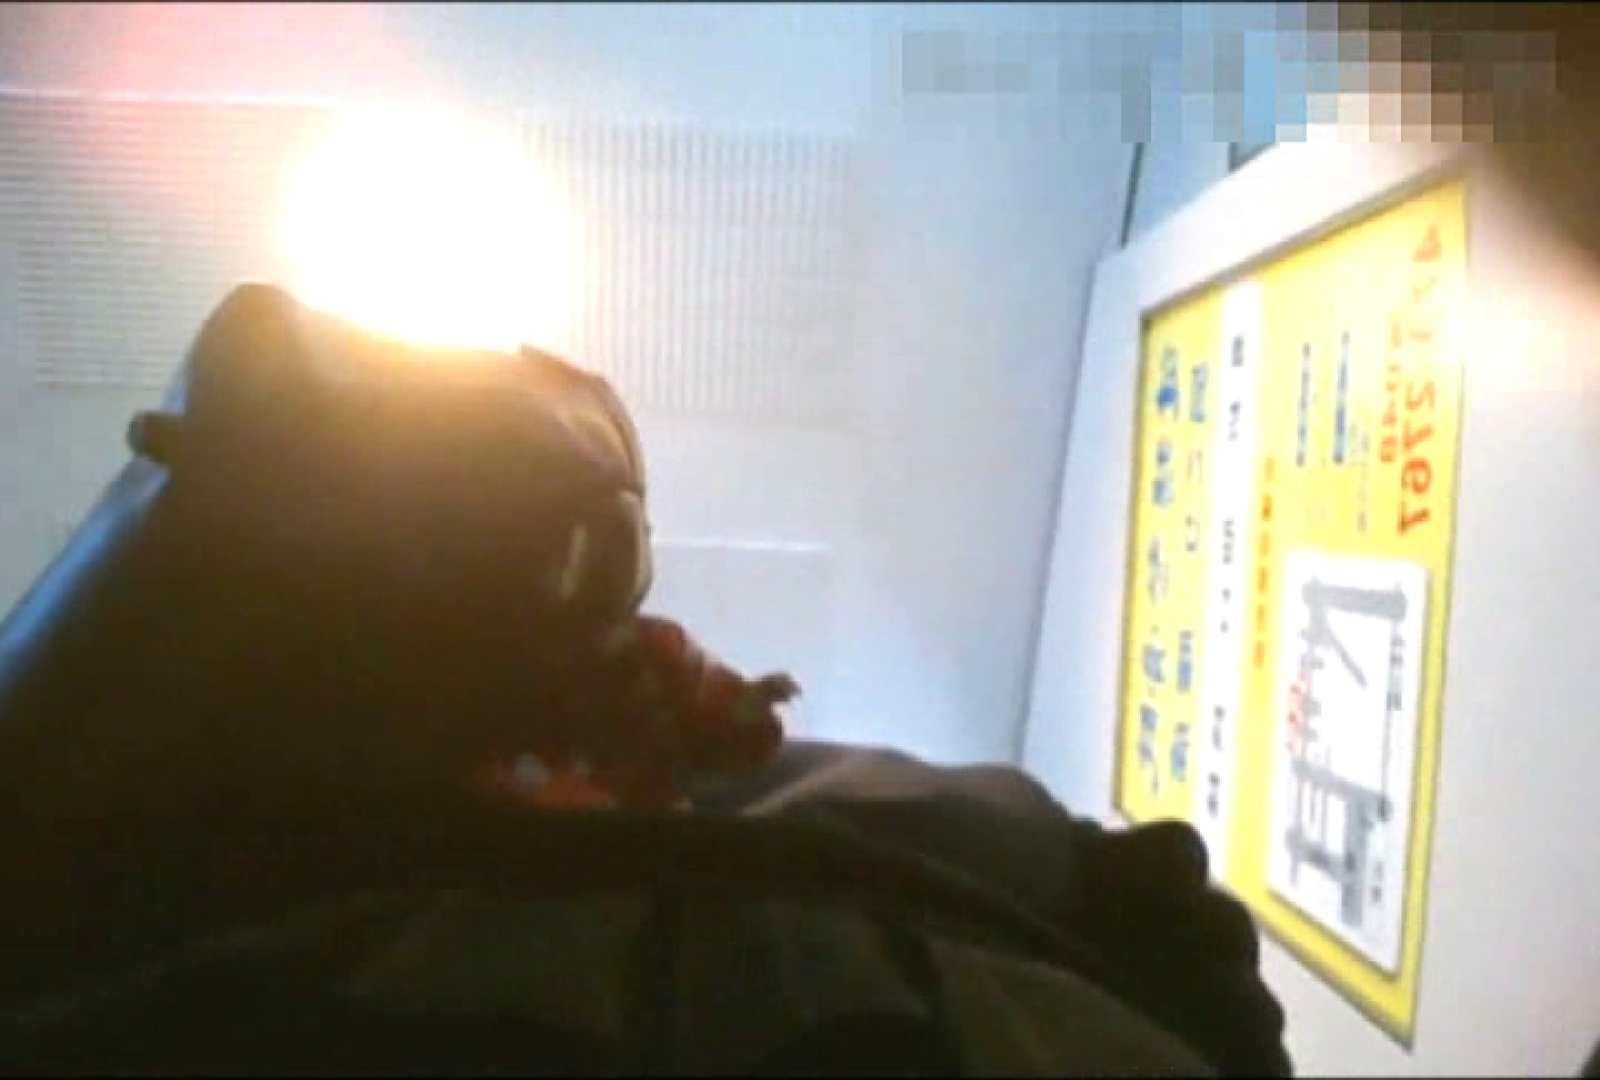 「チキン男」さんの制服ウォッチングVol.4 エロいお尻 オメコ無修正動画無料 72枚